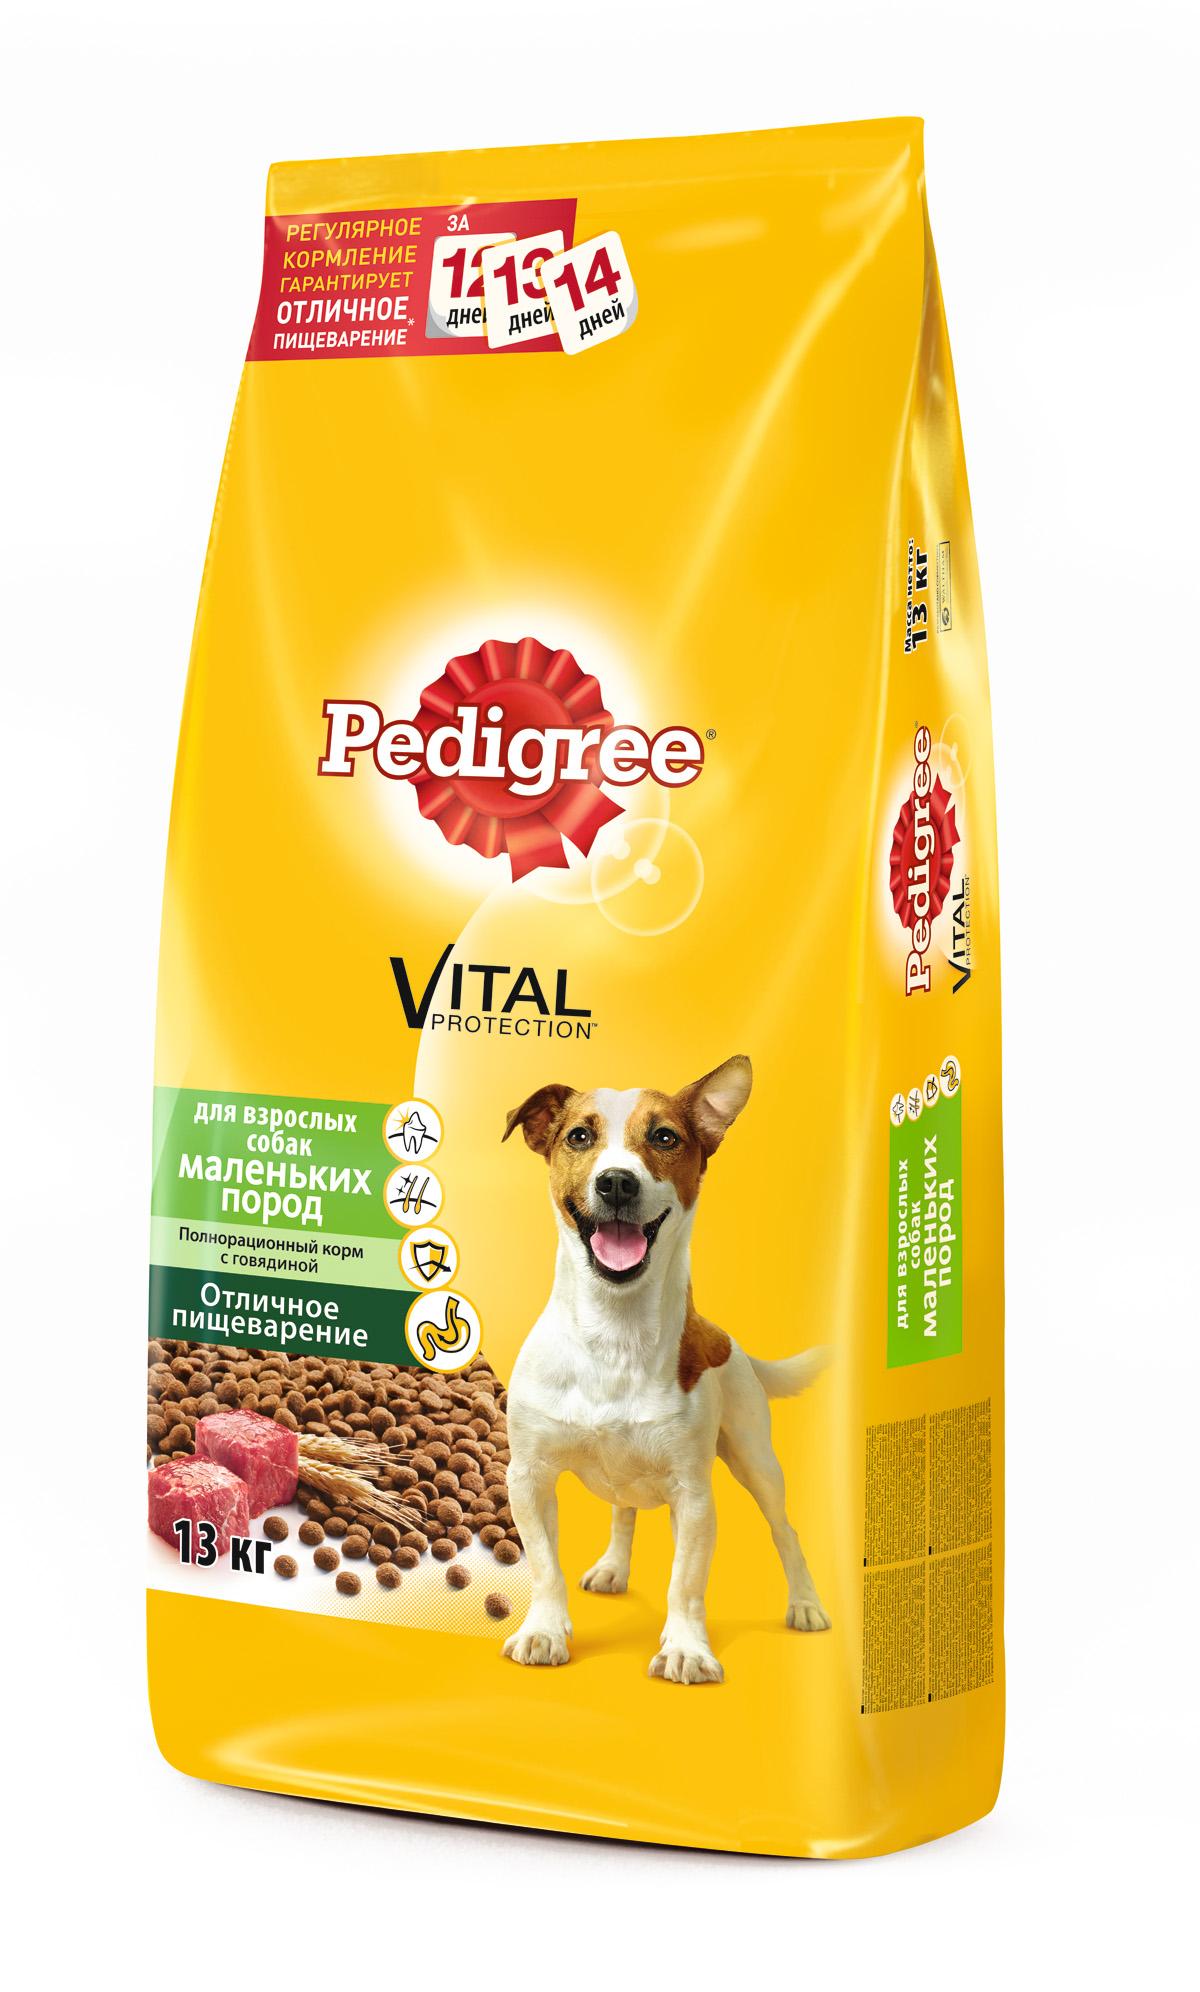 Корм сухой Pedigree для взрослых собак маленьких пород, с говядиной, 13 кг0120710Сухой корм Pedigree для взрослых собак весом меньше 14 кг - этополнорационный корм с говядиной, который предназначен для взрослых собак маленьких и карликовых пород. Он состоит из качественных инатуральных ингредиентов: мяса, овощей, злаков. Корм способствуетздоровому росту и гармоничному развитию вашего питомца. Он создан с учетомособенностей пищеварения собаки, легко усваивается и обеспечиваетправильную работу желудочно-кишечного тракта. Состав: кукуруза, рис, пшеница, куриная мука, мясная мука (в том числе говядинаминимум 4%), свекольный жом, подсолнечное масло, жир животный, пивныедрожжи, витамины и минералы. Пищевая ценность (100 г): белки 21 г, жиры 14 г, зола 7 г, клетчатка 4 г,влажность не более 10 г, кальций 1,3 г, фосфор 0,8 г, натрий 0,3 г, калий 0,58 г,магний 0,1 г, цинк 20 г, медь 1,5 г, витамин А 1500 МЕ, витамин Е 20 мг, витаминD3 120 МЕ, витамины B1, B2, B4, B5, B12, ниацин, омега-6, омега-3,полиненасыщенные жирные кислоты. Энергетическая ценность (100 г): 365 ккал. Вес: 13 кг. Товар сертифицирован.